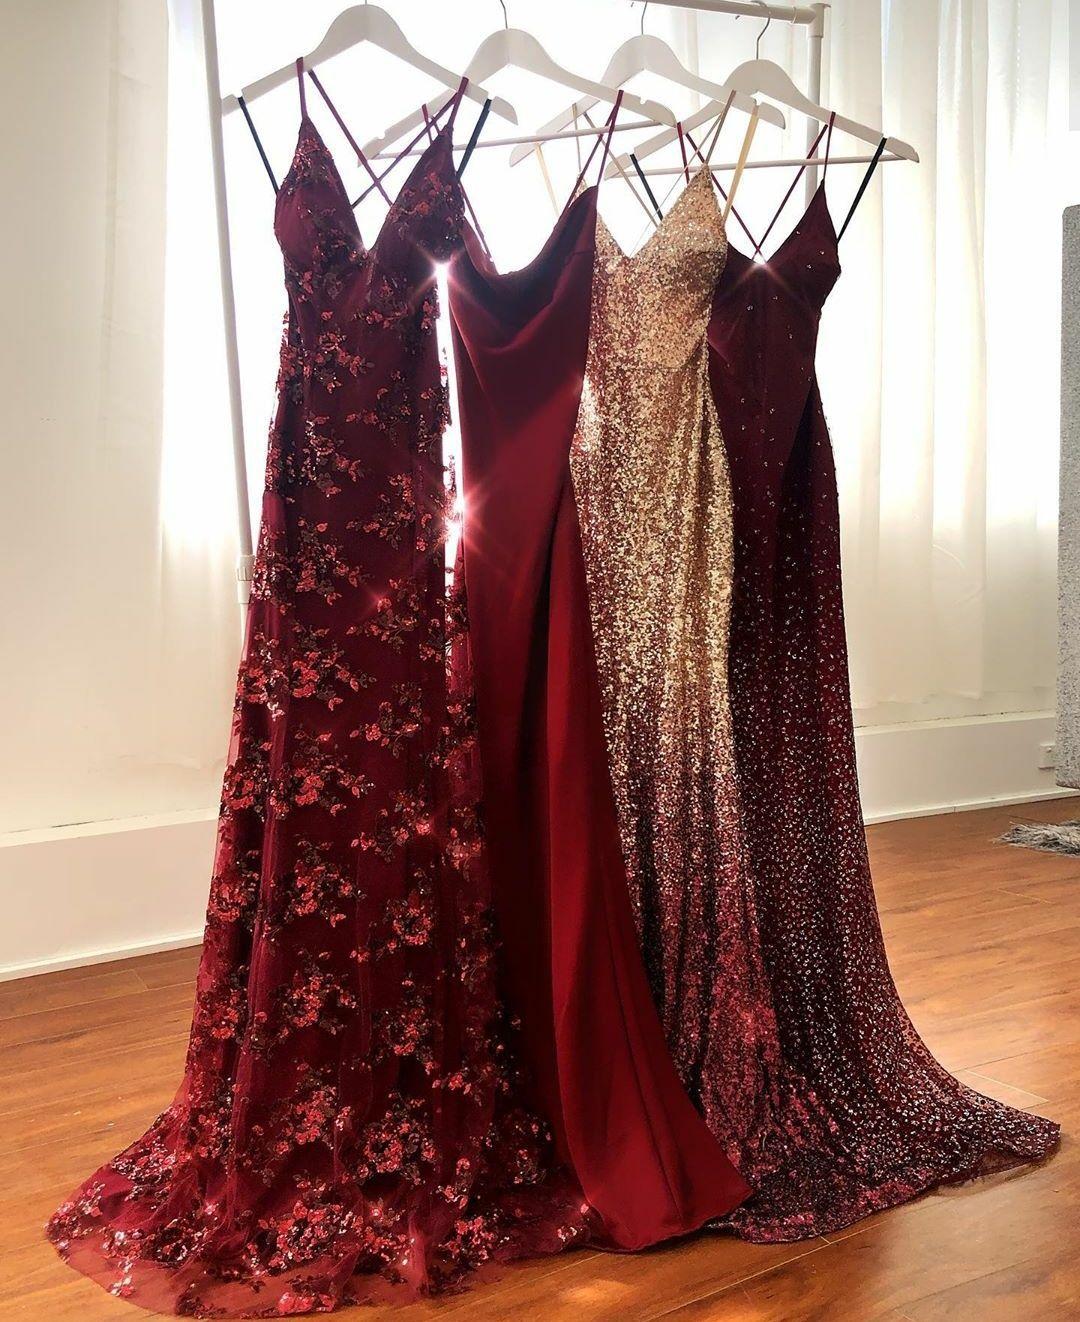 ❈ ❃ Alfa Girls ❃ ❈ on in 15  Abschlussfeier kleider